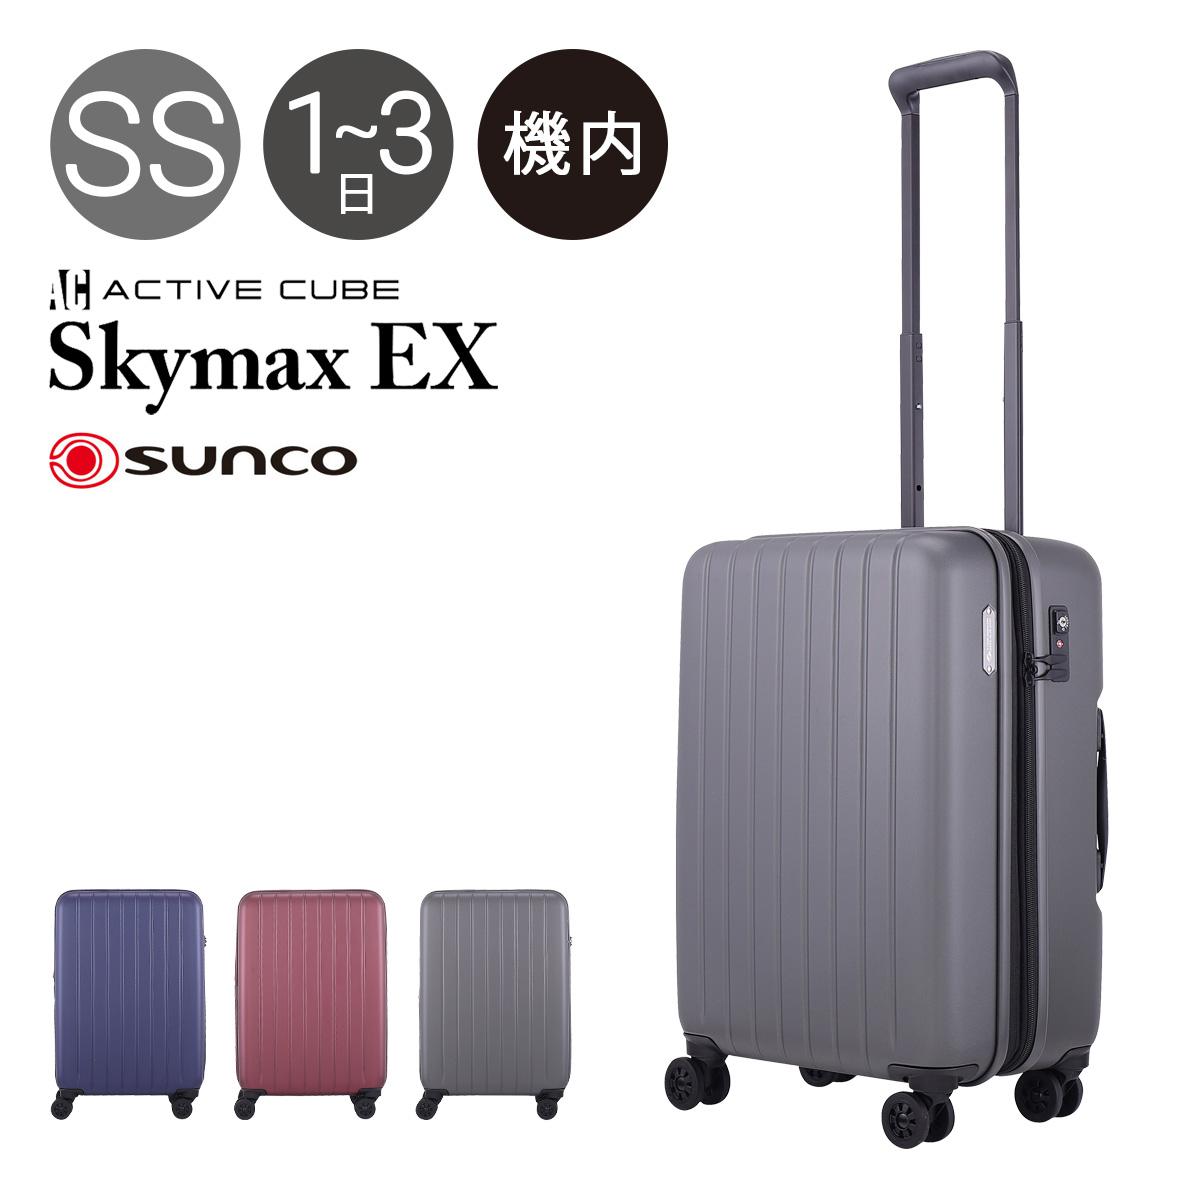 サンコー スーツケース 49L 50cm 2.7kg ハード ファスナー 機内持ち込み スカイマックスEX メンズ レディース ACSE-50 SUNCO | キャリーケース 拡張 軽量 静音 TSAロック搭載 HINOMOTO[PO10][即日発送][bef]